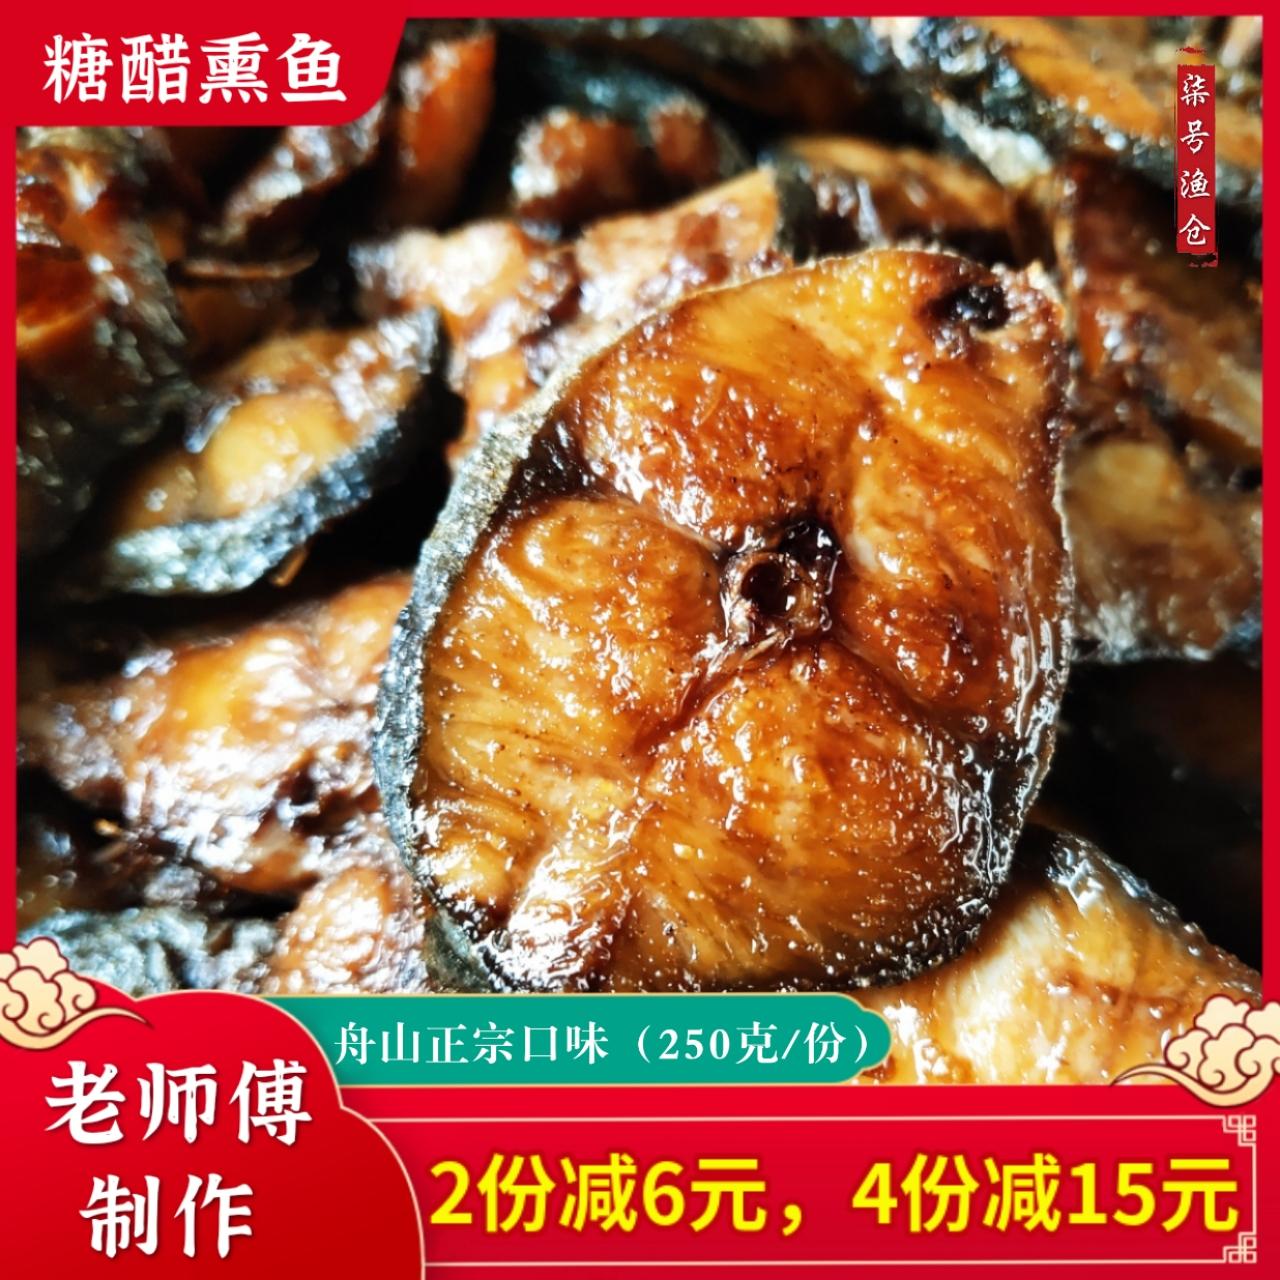 舟山特产糖醋熏鱼即食熟食糖醋味250g马鲛鱼海鲜零食【2份减6元】